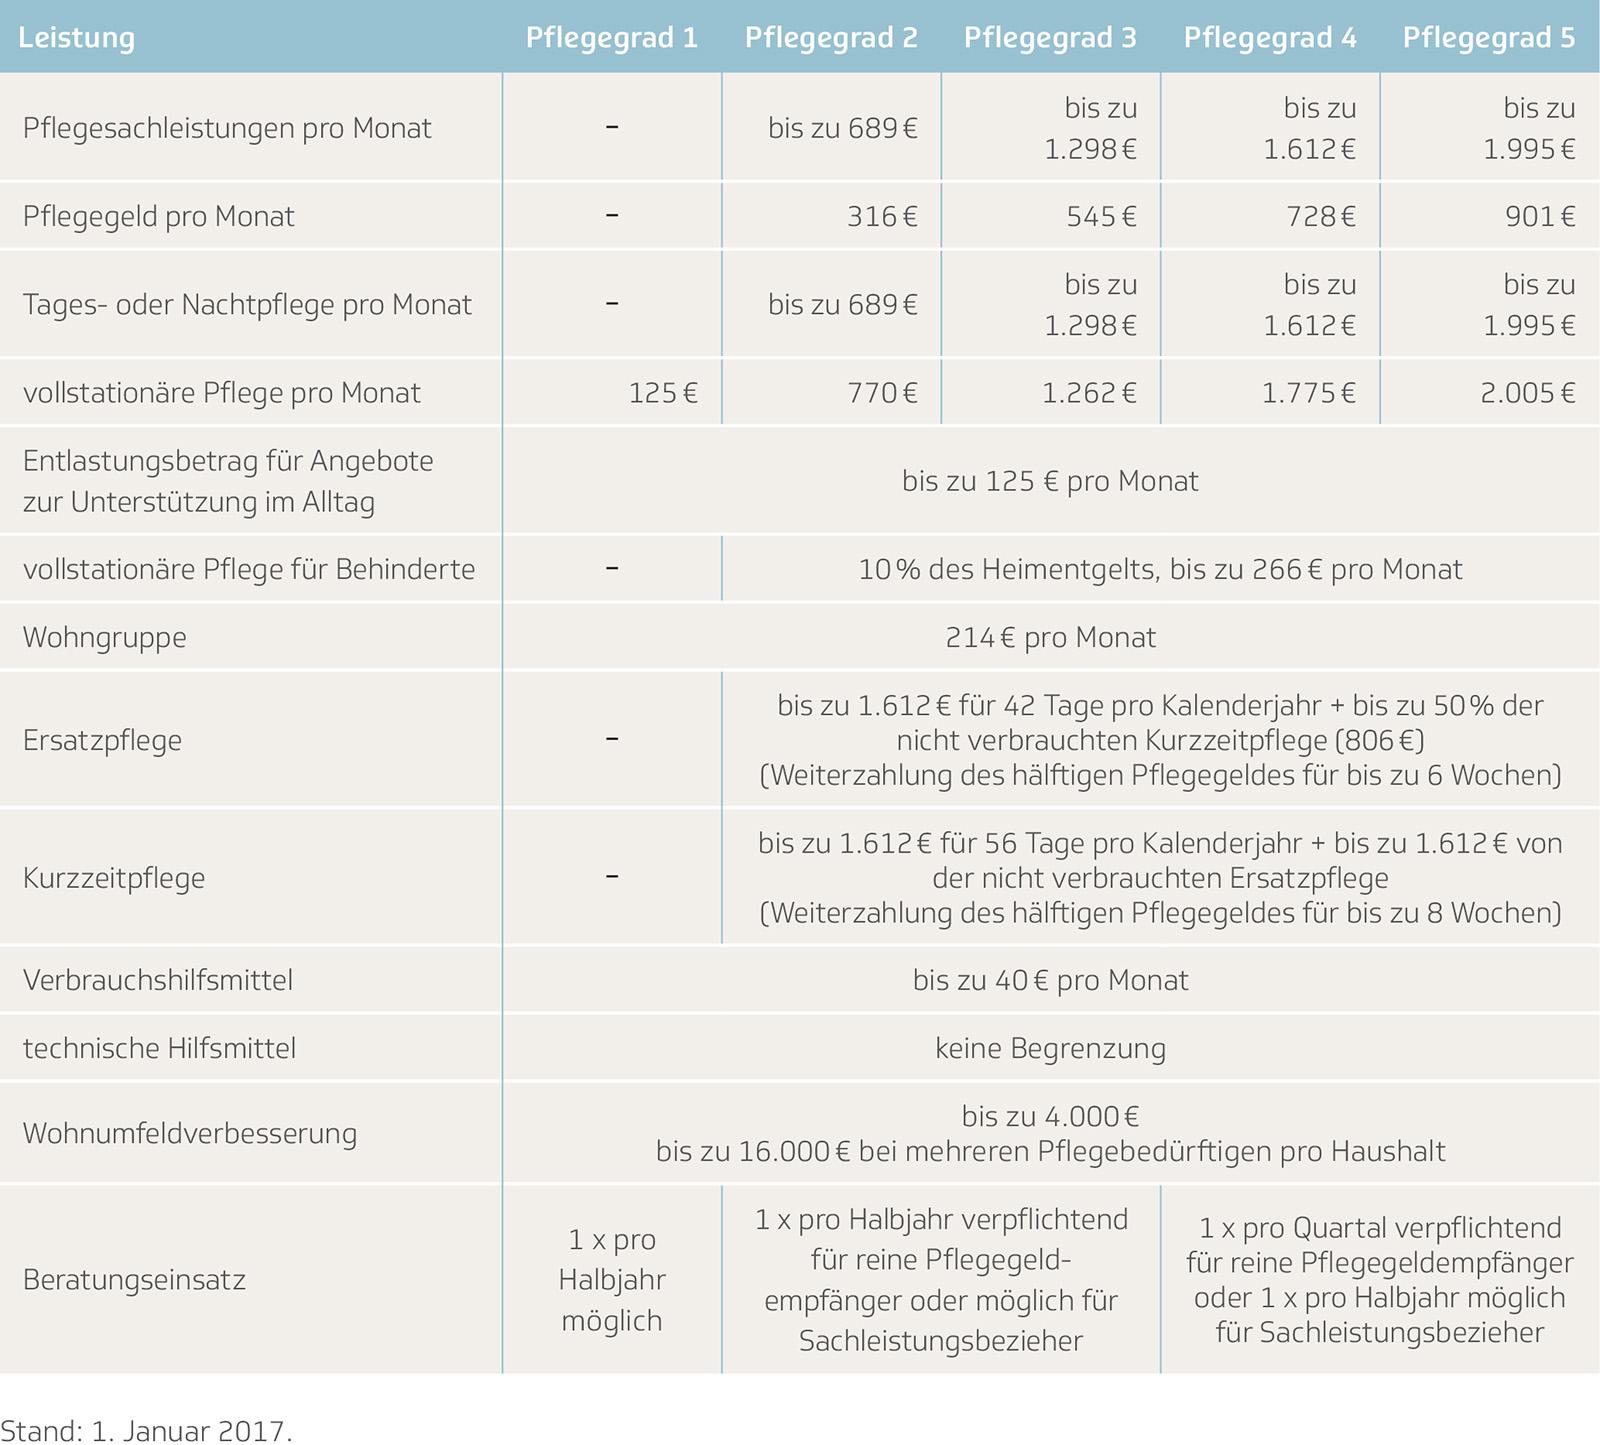 Tabelle der Techniker Krankenkasse zu den Leistungen der Pflegeversicherung ab 2017